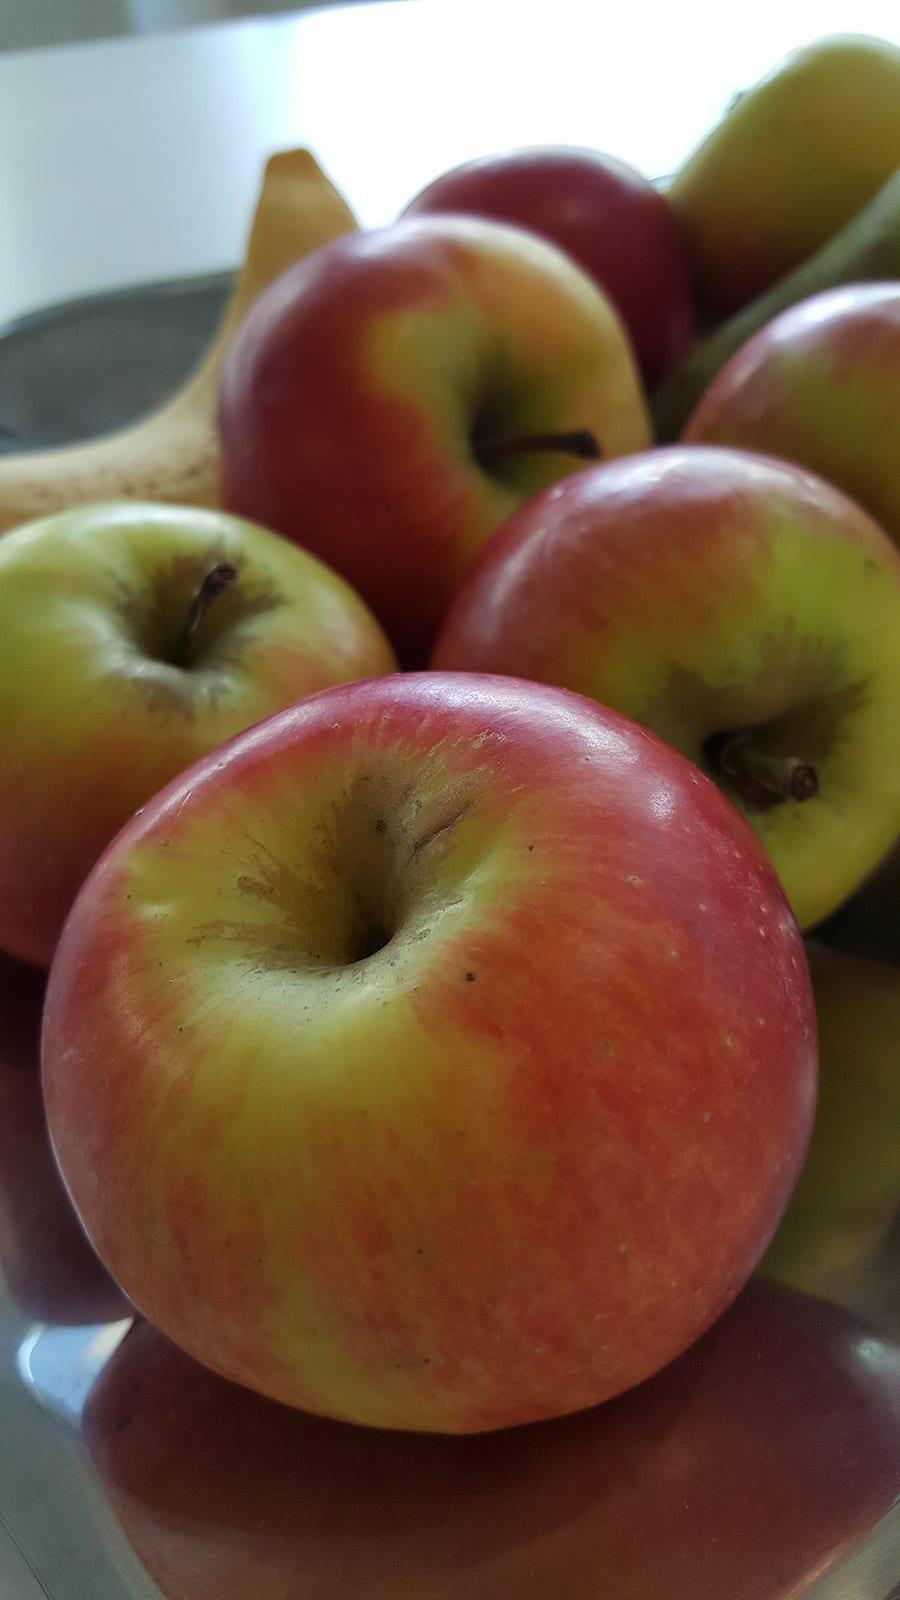 Appels op in de fruitschaal